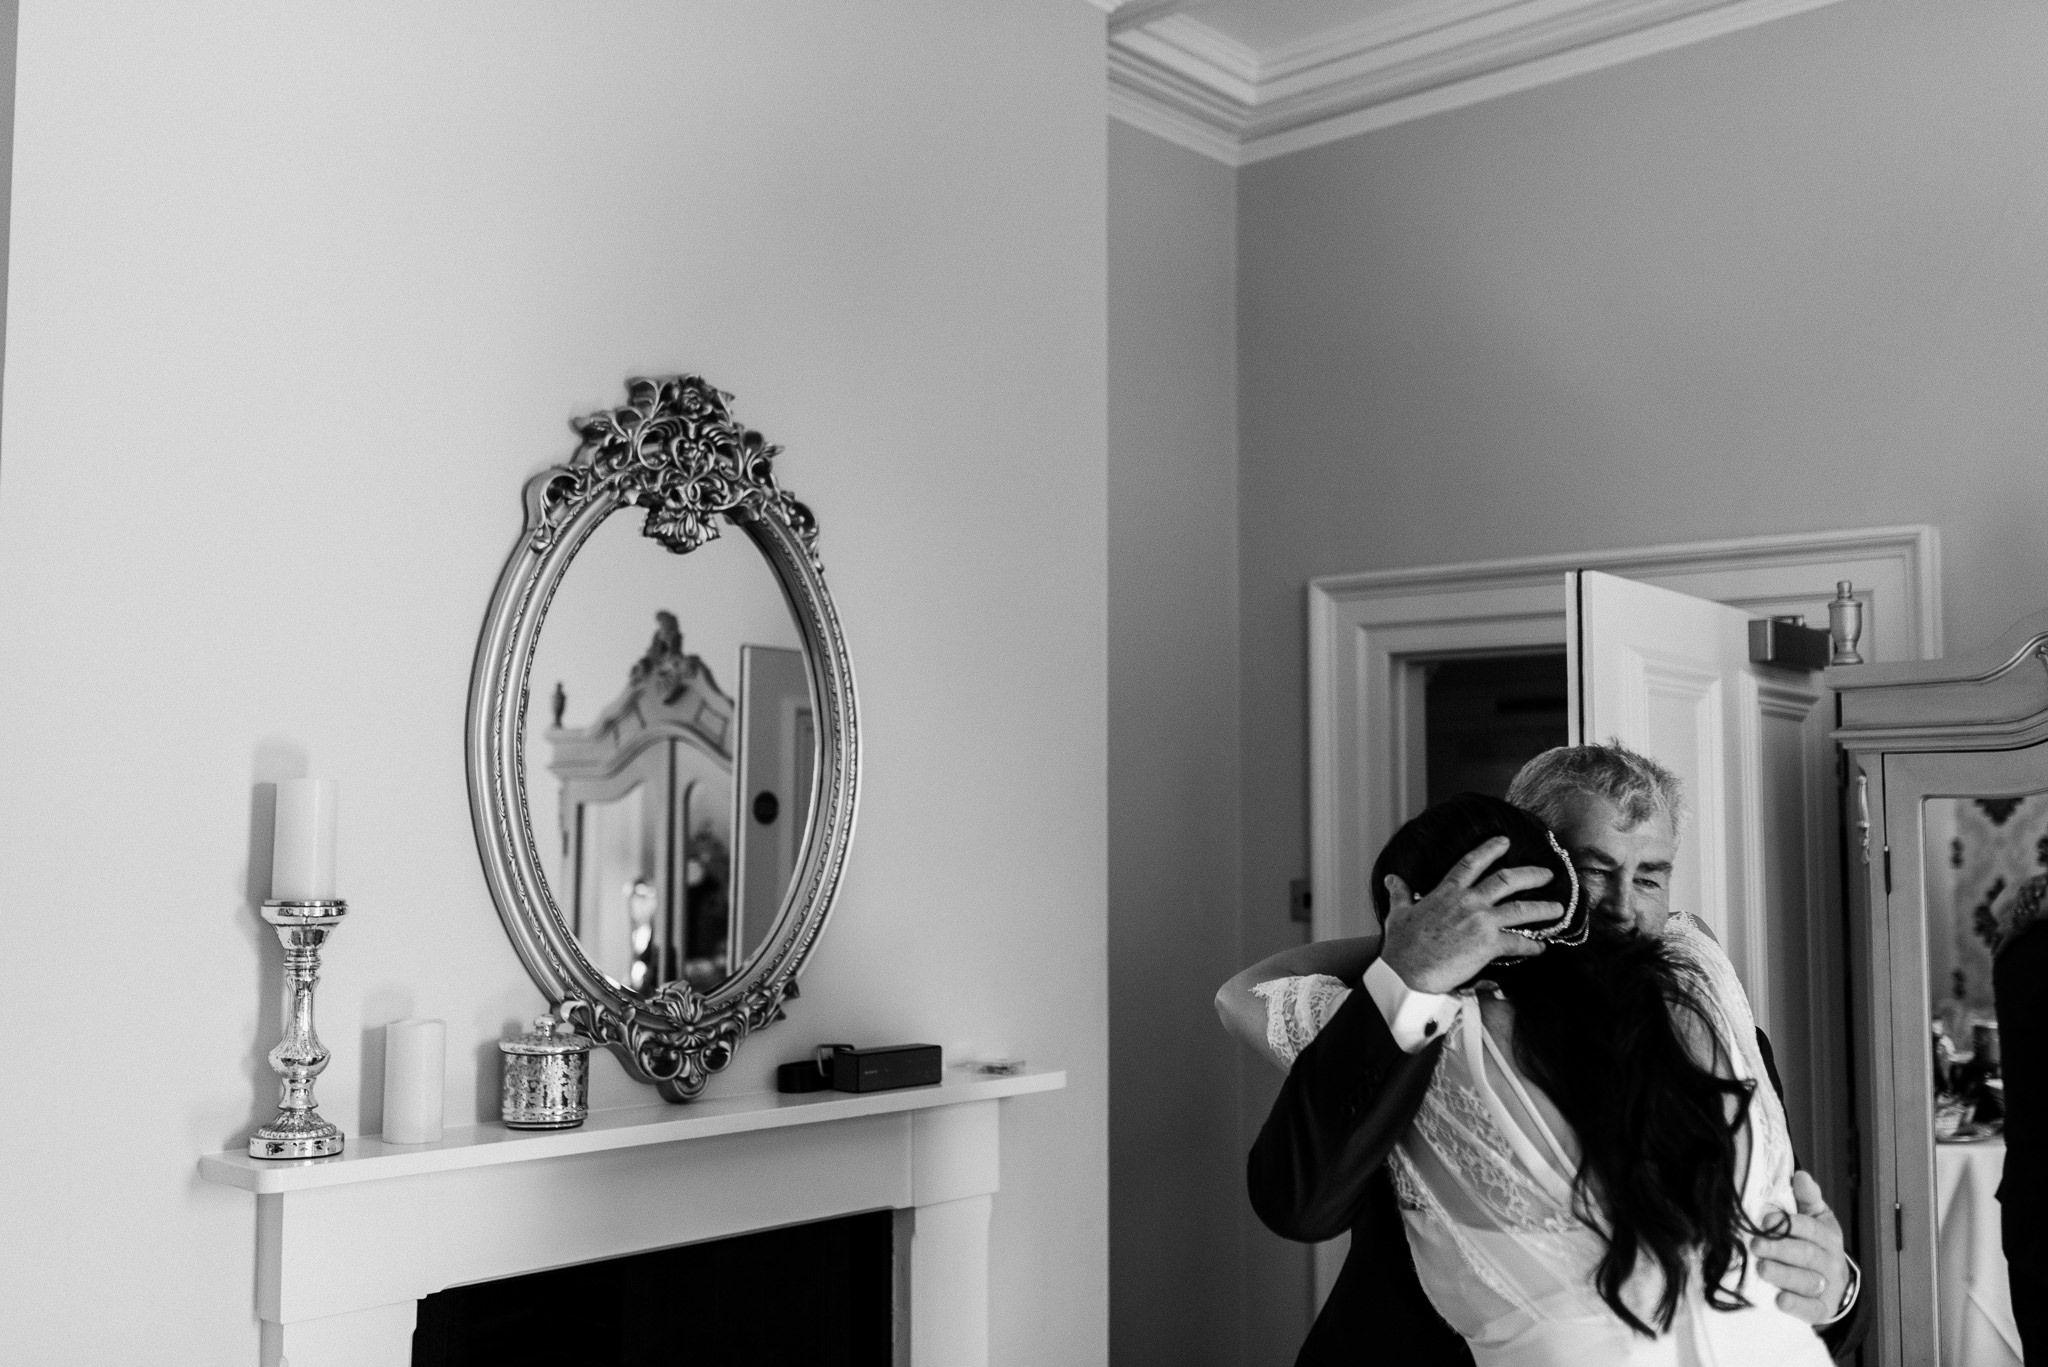 yorkshire-bridal-prep-photos-1.jpg